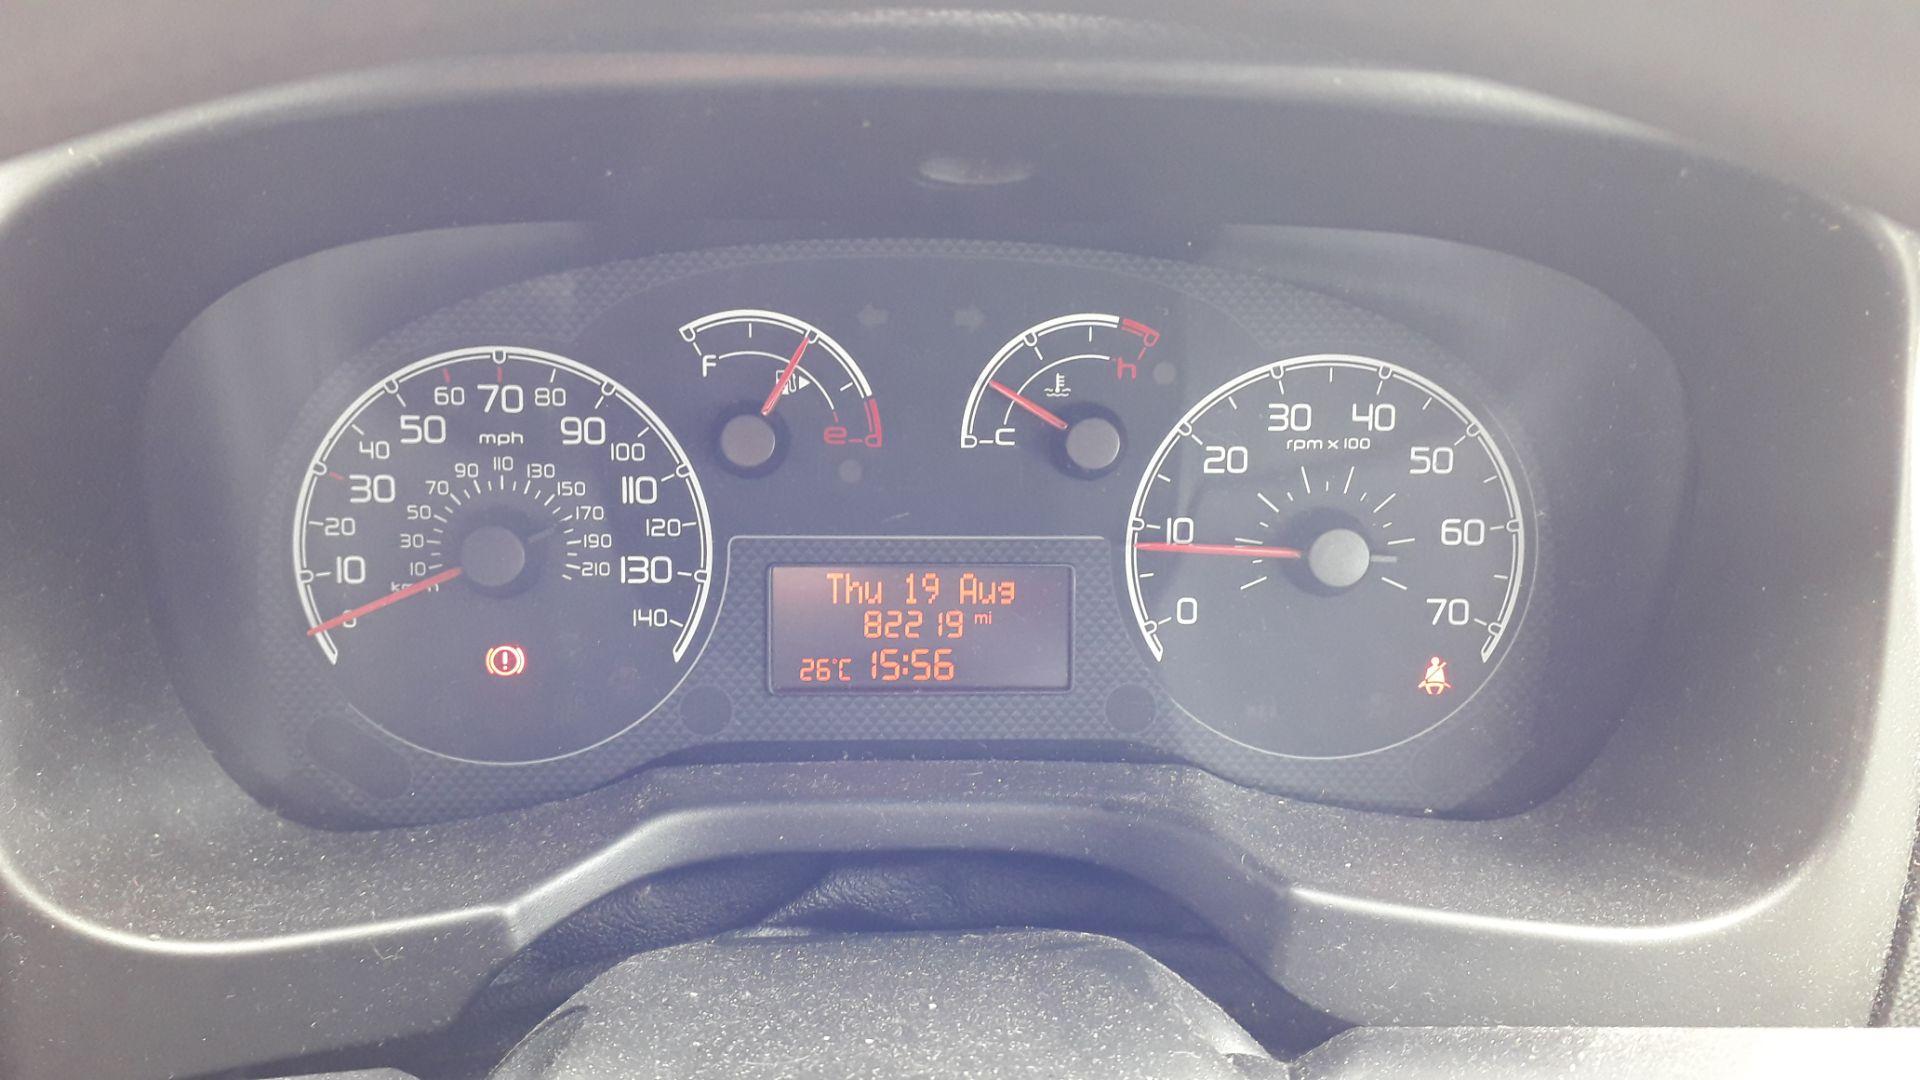 Peugeot Bipper 1.3 Hdi 75 S Diesel Van, Registrati - Image 12 of 13